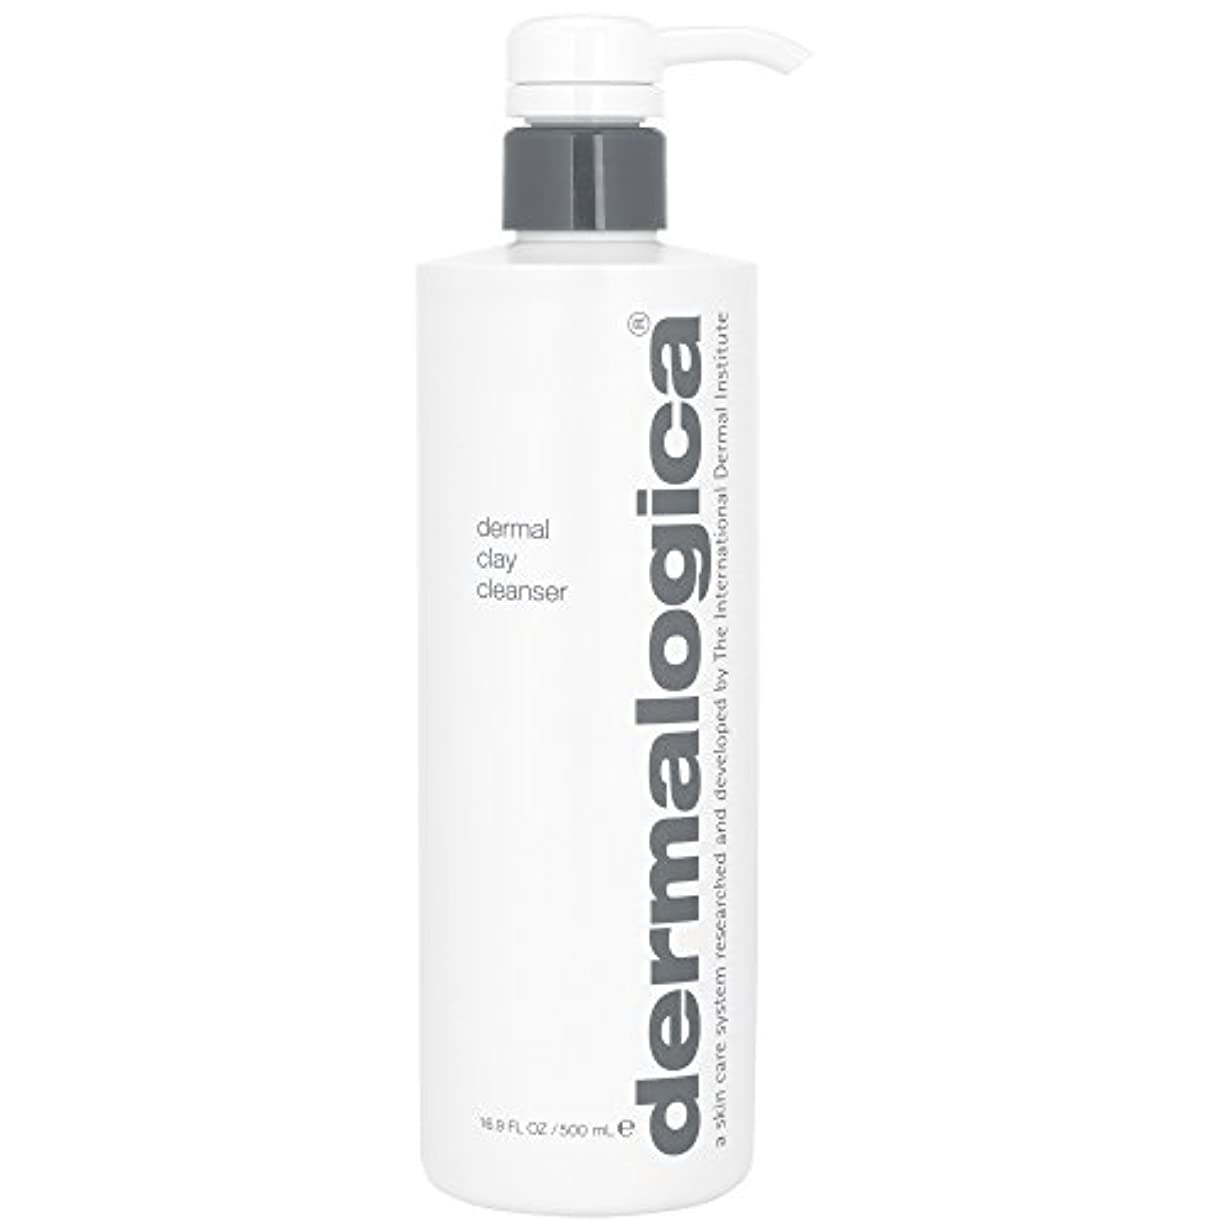 不実水差しうめきダーマロジカ真皮クレイクレンザー500ミリリットル (Dermalogica) (x2) - Dermalogica Dermal Clay Cleanser 500ml (Pack of 2) [並行輸入品]